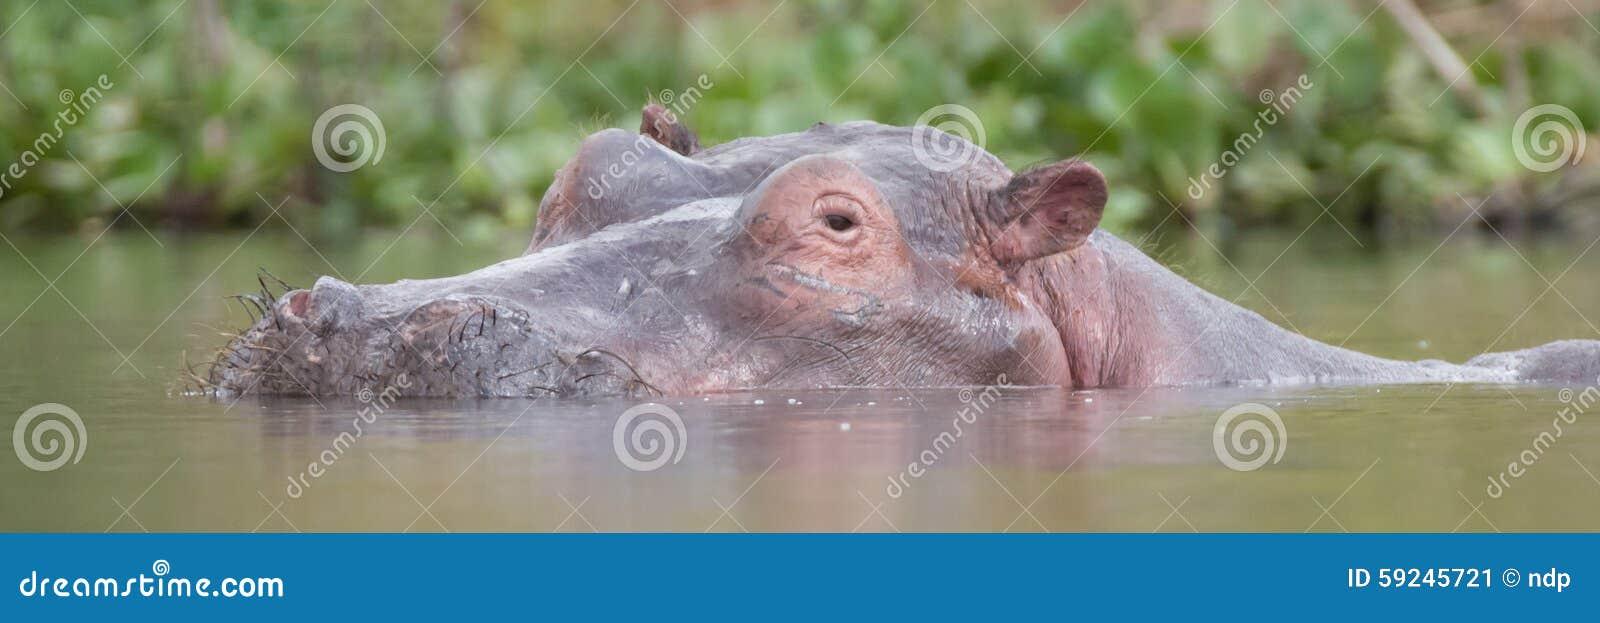 Hipopótamo en el lago con por encima de la superficie principal